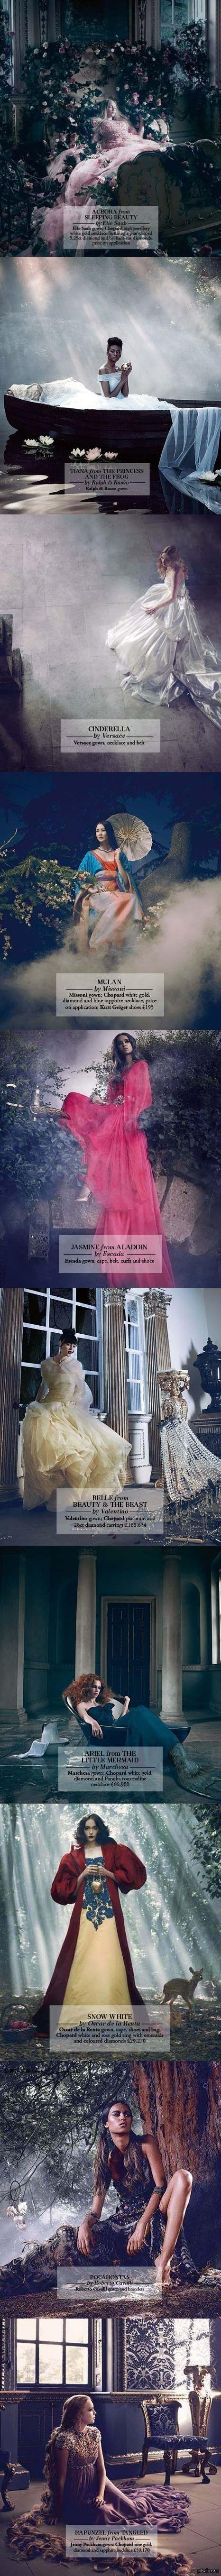 Диснеевские принцессы от ведущих дизайнеров